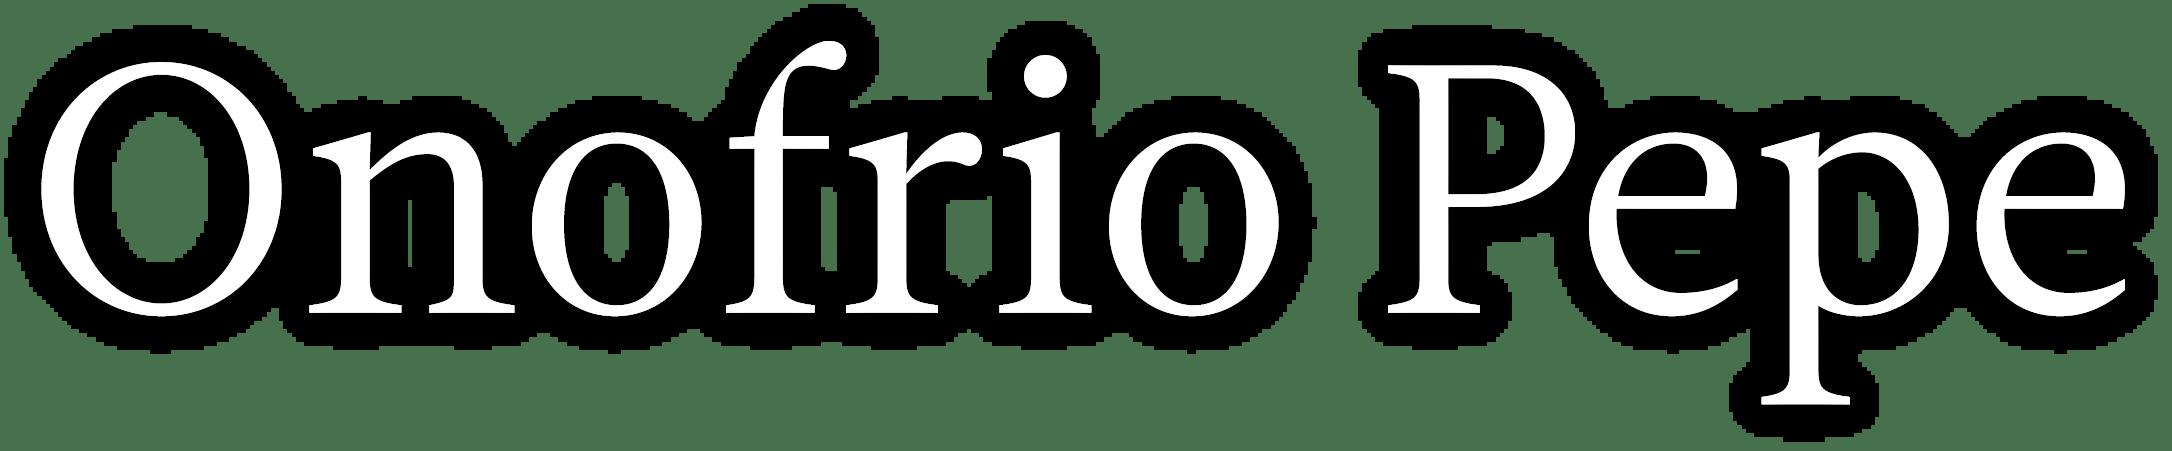 Onofrio